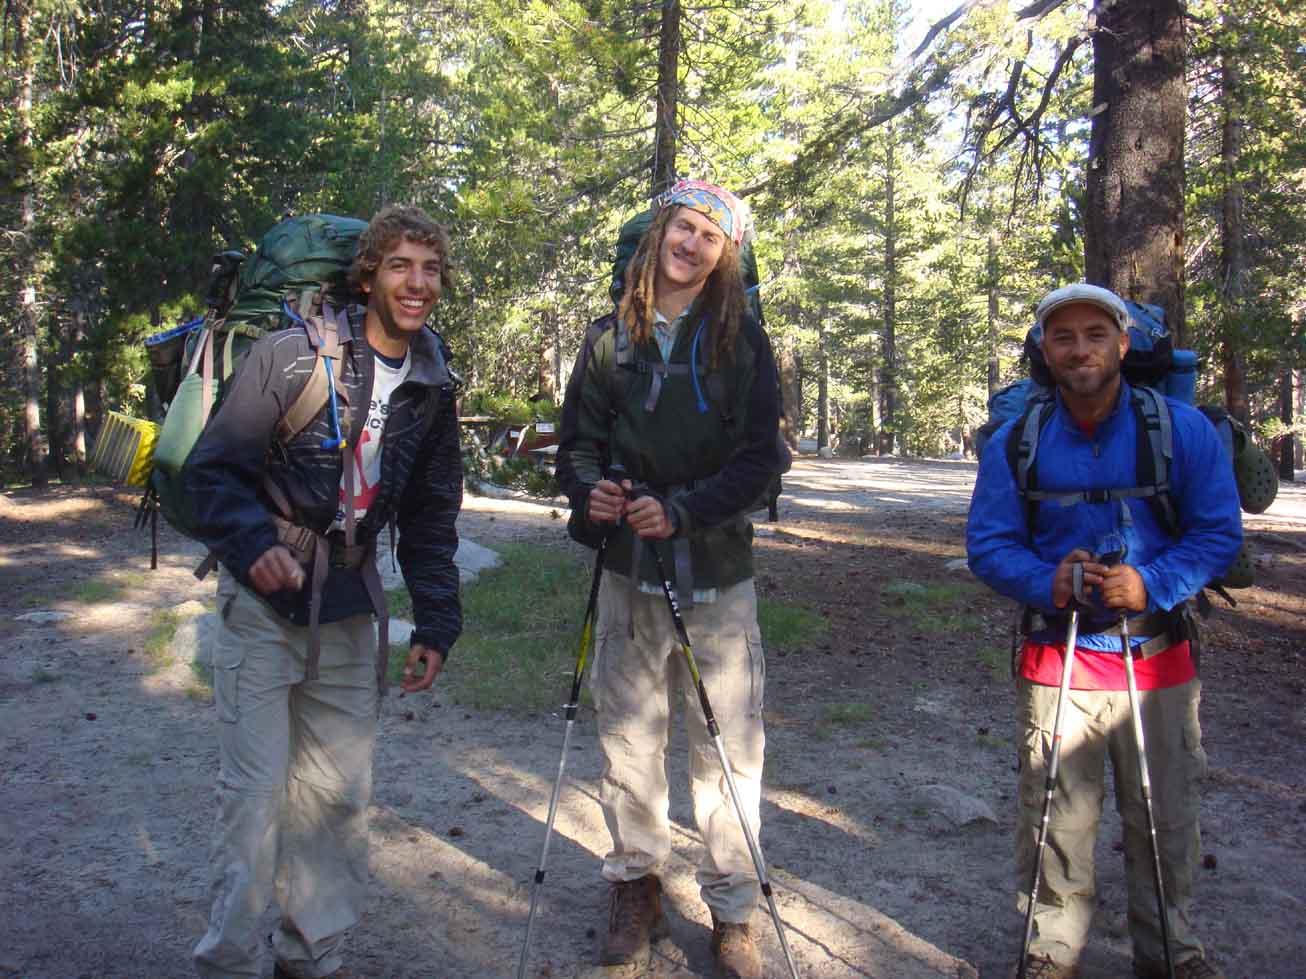 Boys on Trail